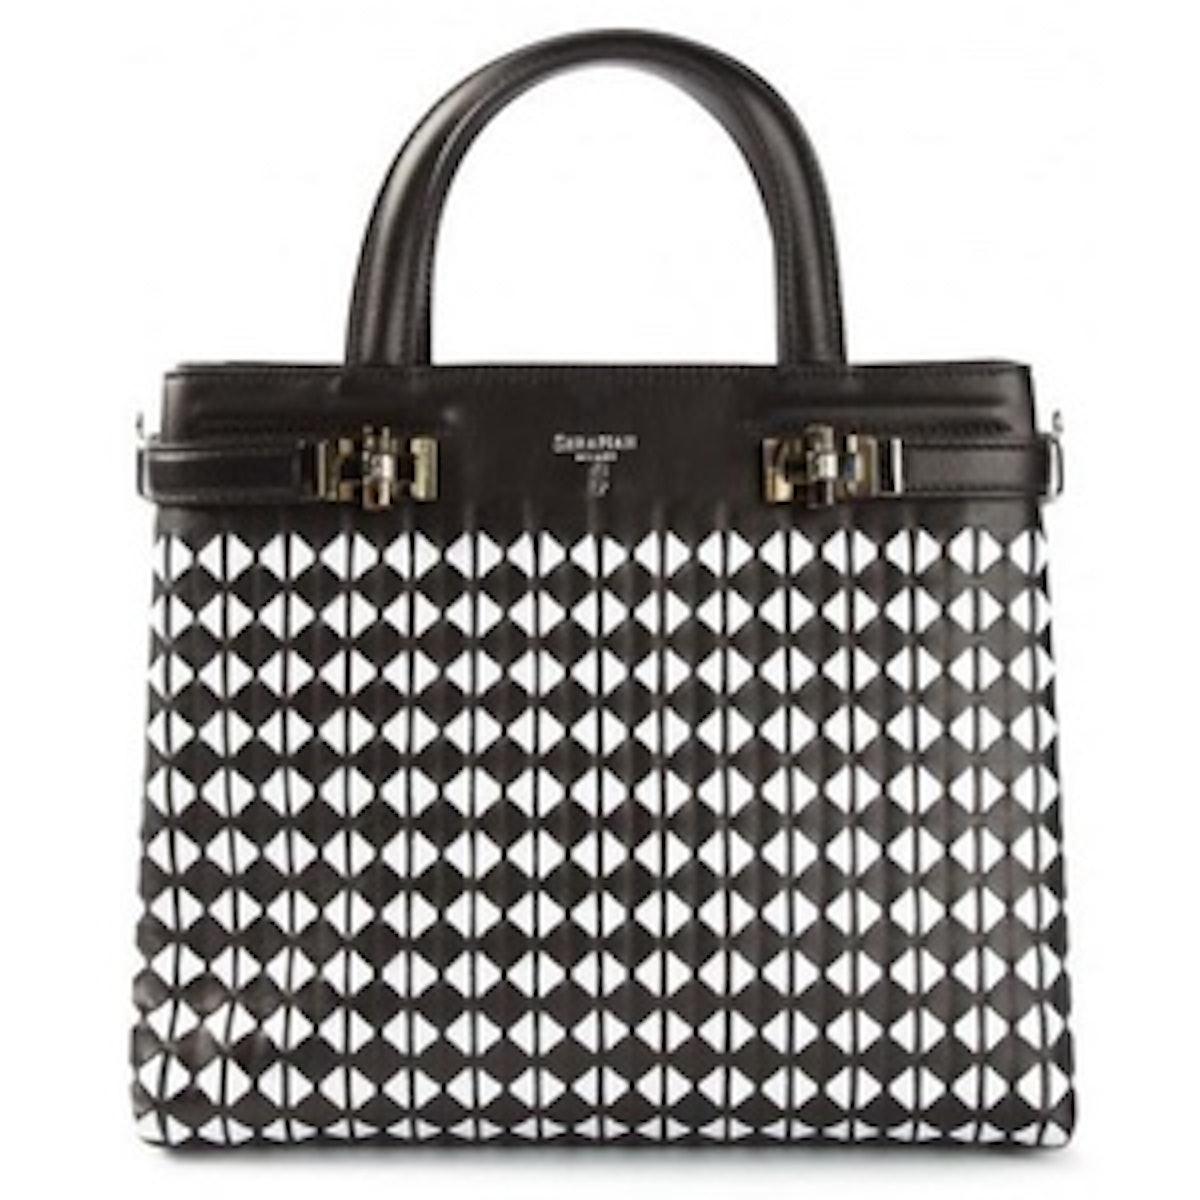 Meline Bag